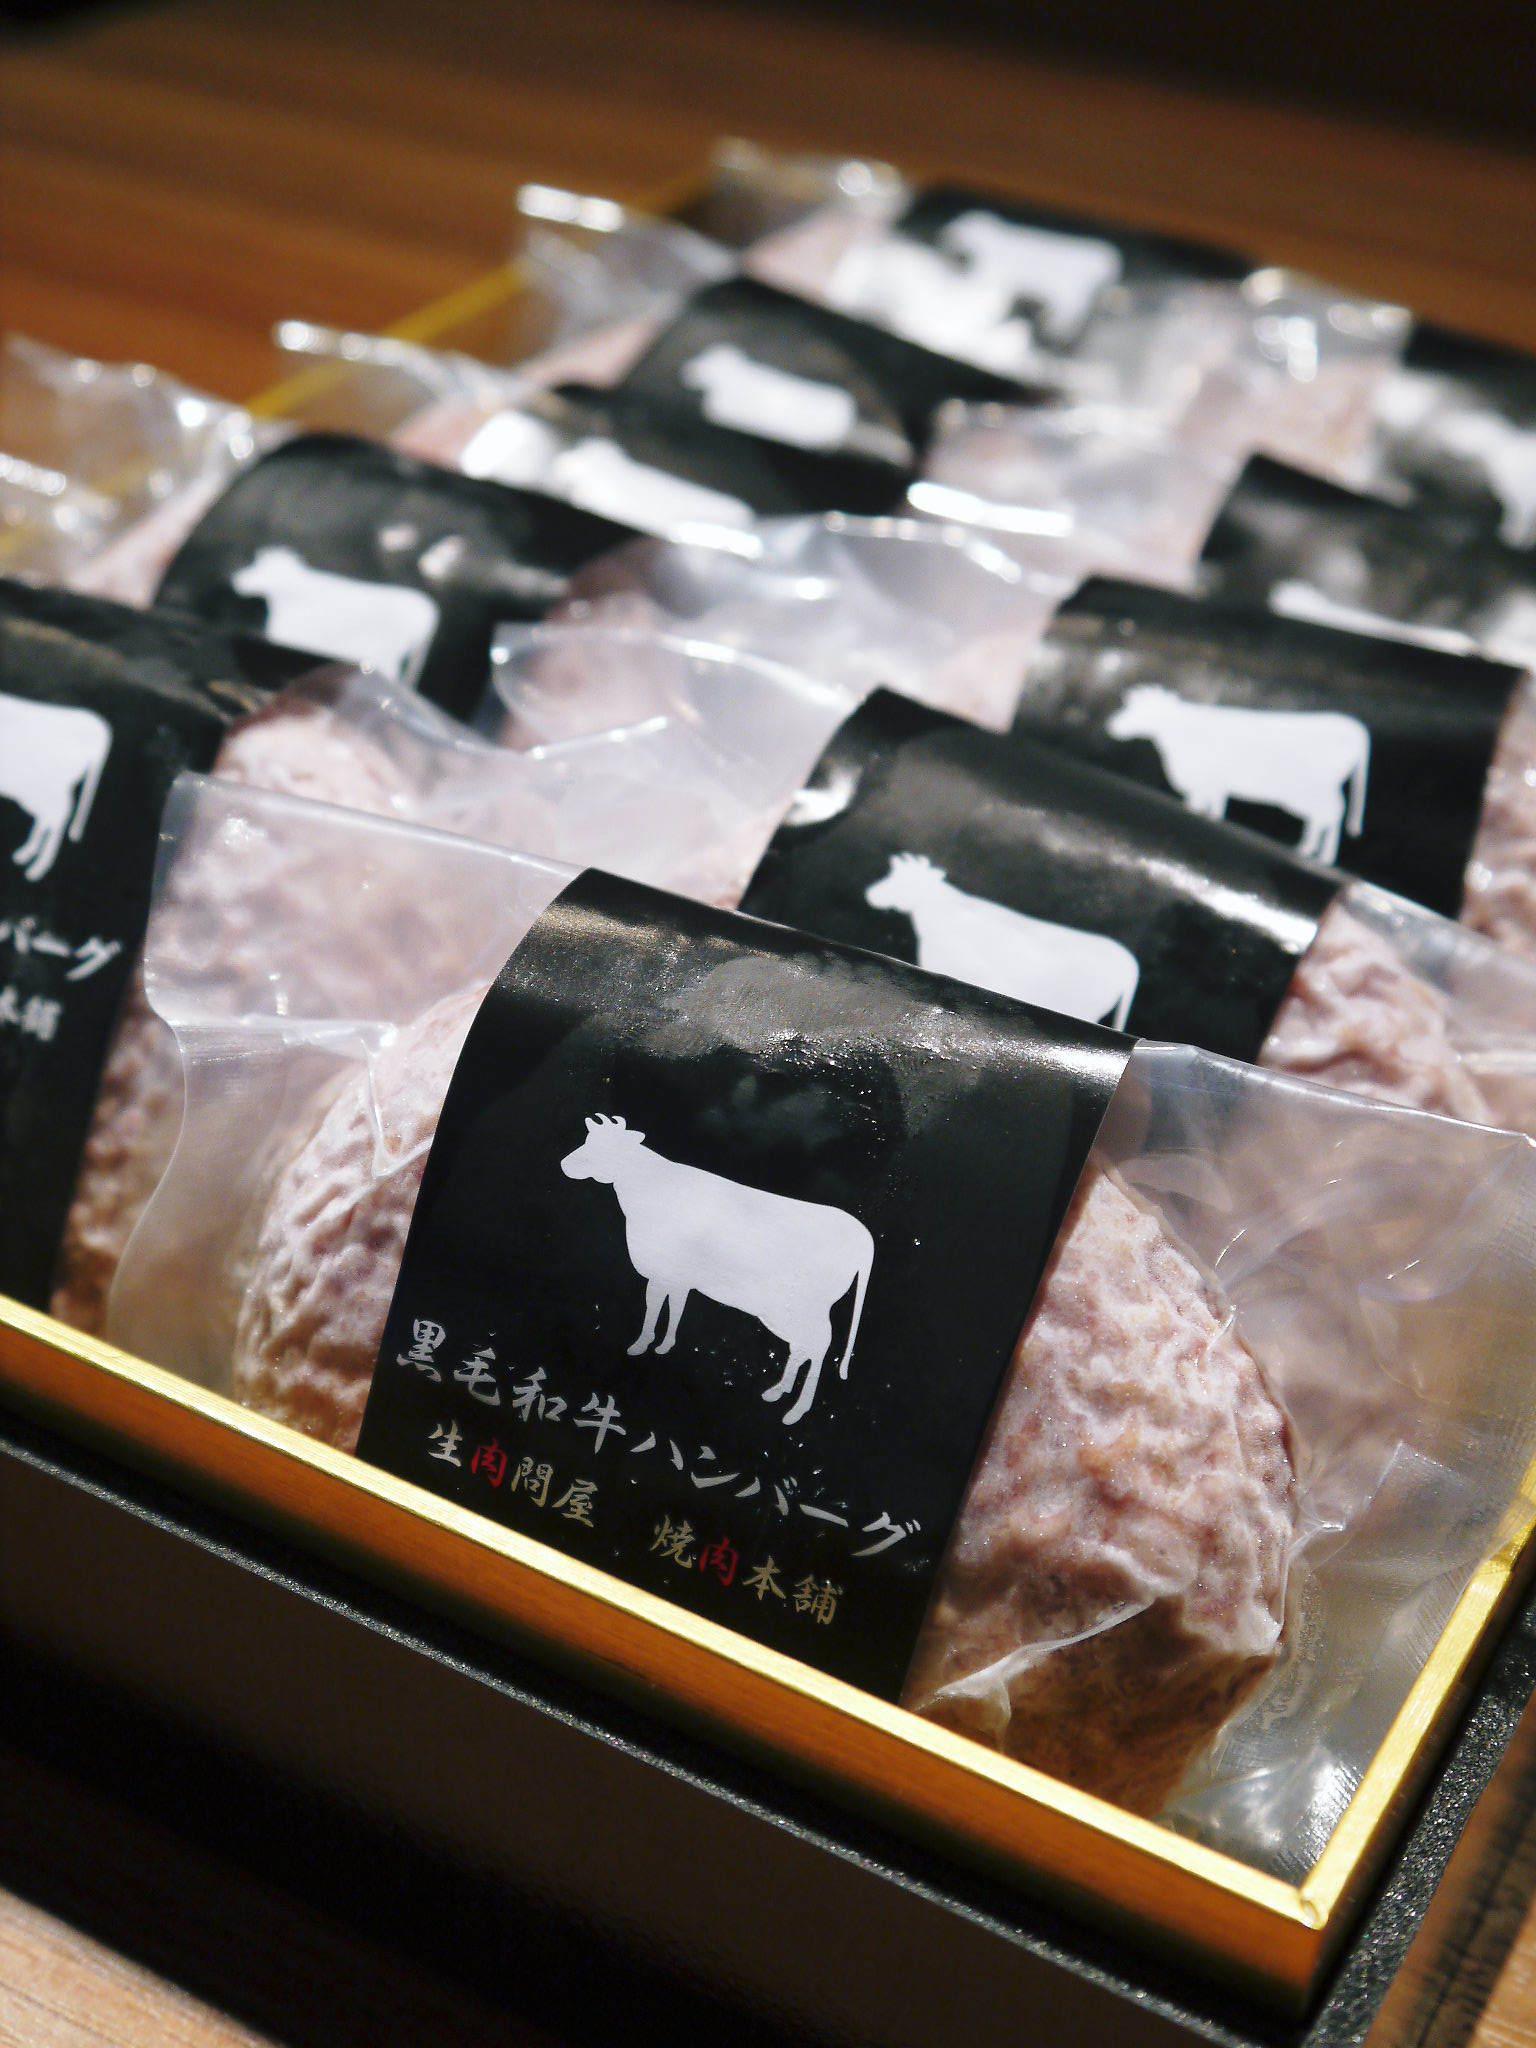 熊本県産の黒毛和牛を100%のハンバーグステーキ!今月は4月21日に出荷決定!数量限定!残りわずかです! _a0254656_17194669.jpg